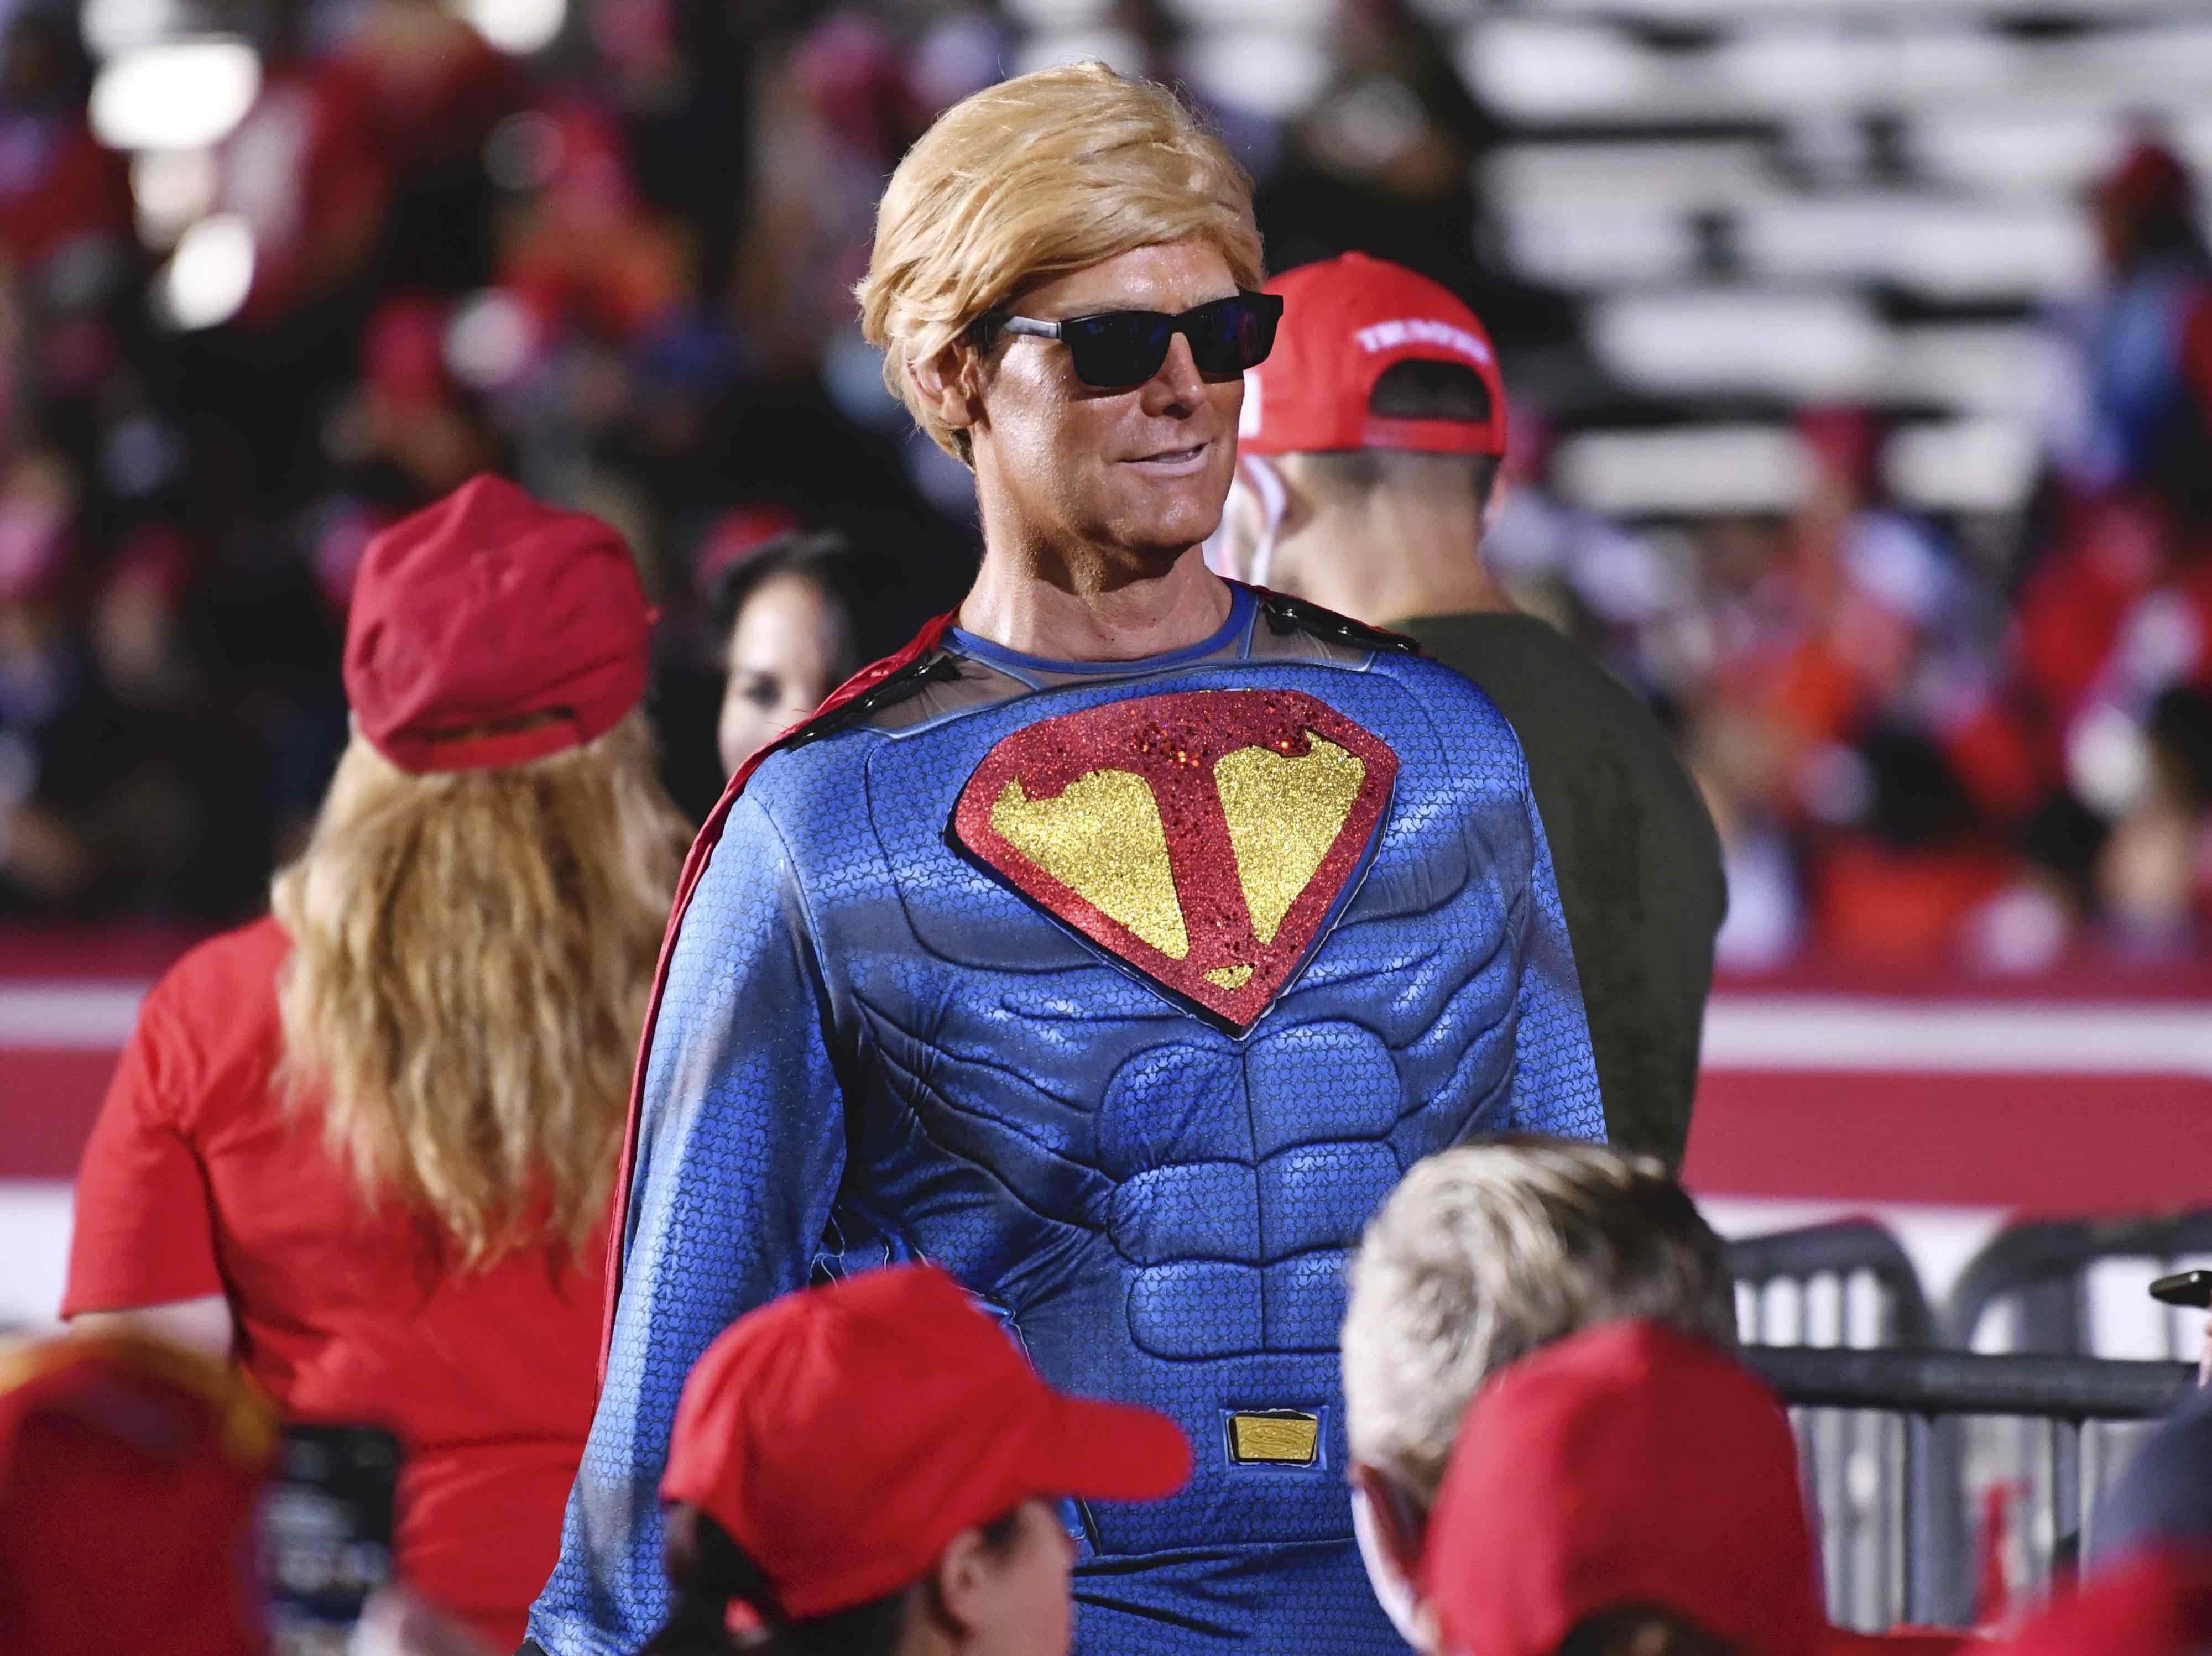 Trump superman Miami (Jim Rassol / Associated Press)